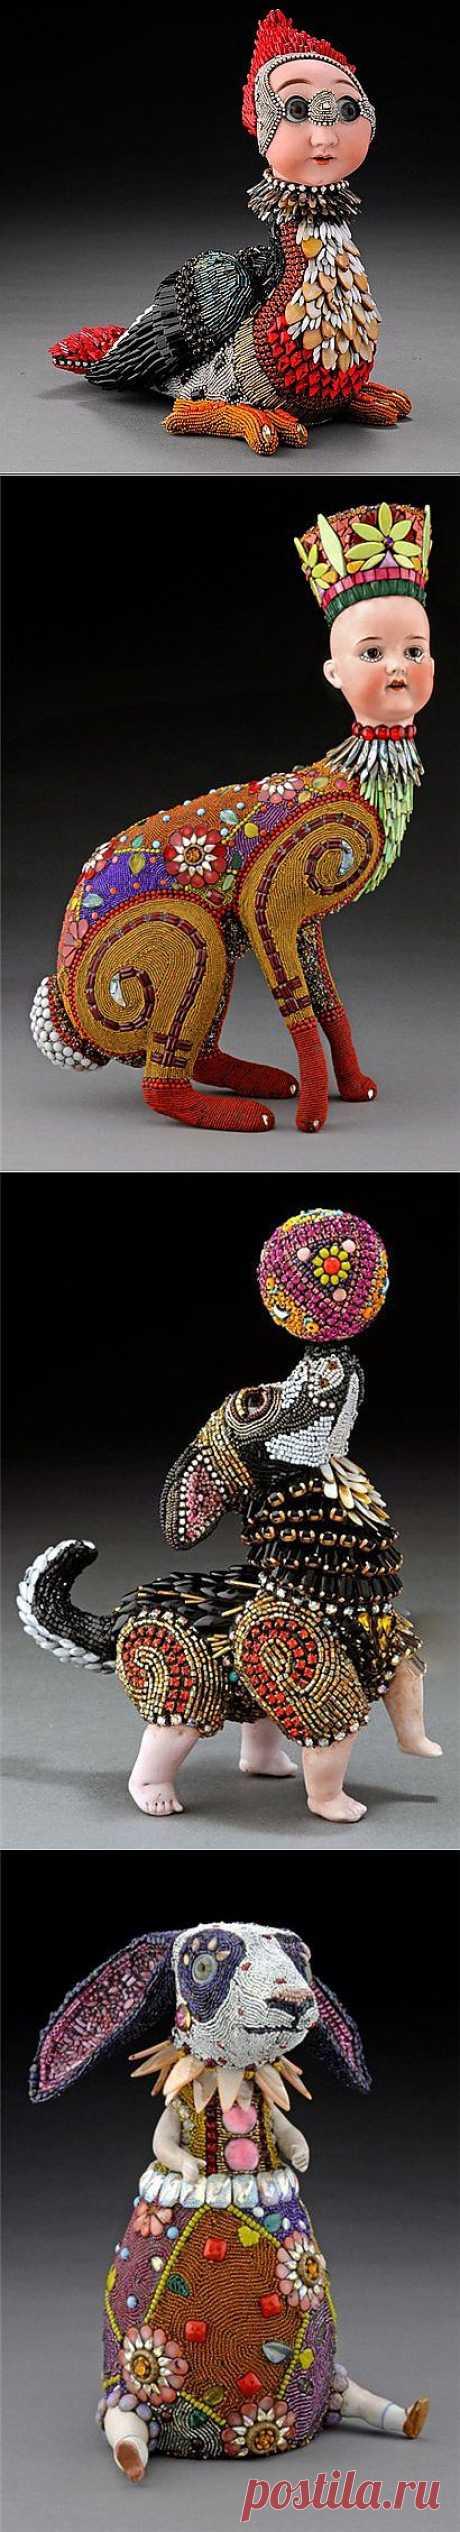 Бисерные скульптуры Betsy Youngquist. Анималистичные скульптуры. Продолжение.